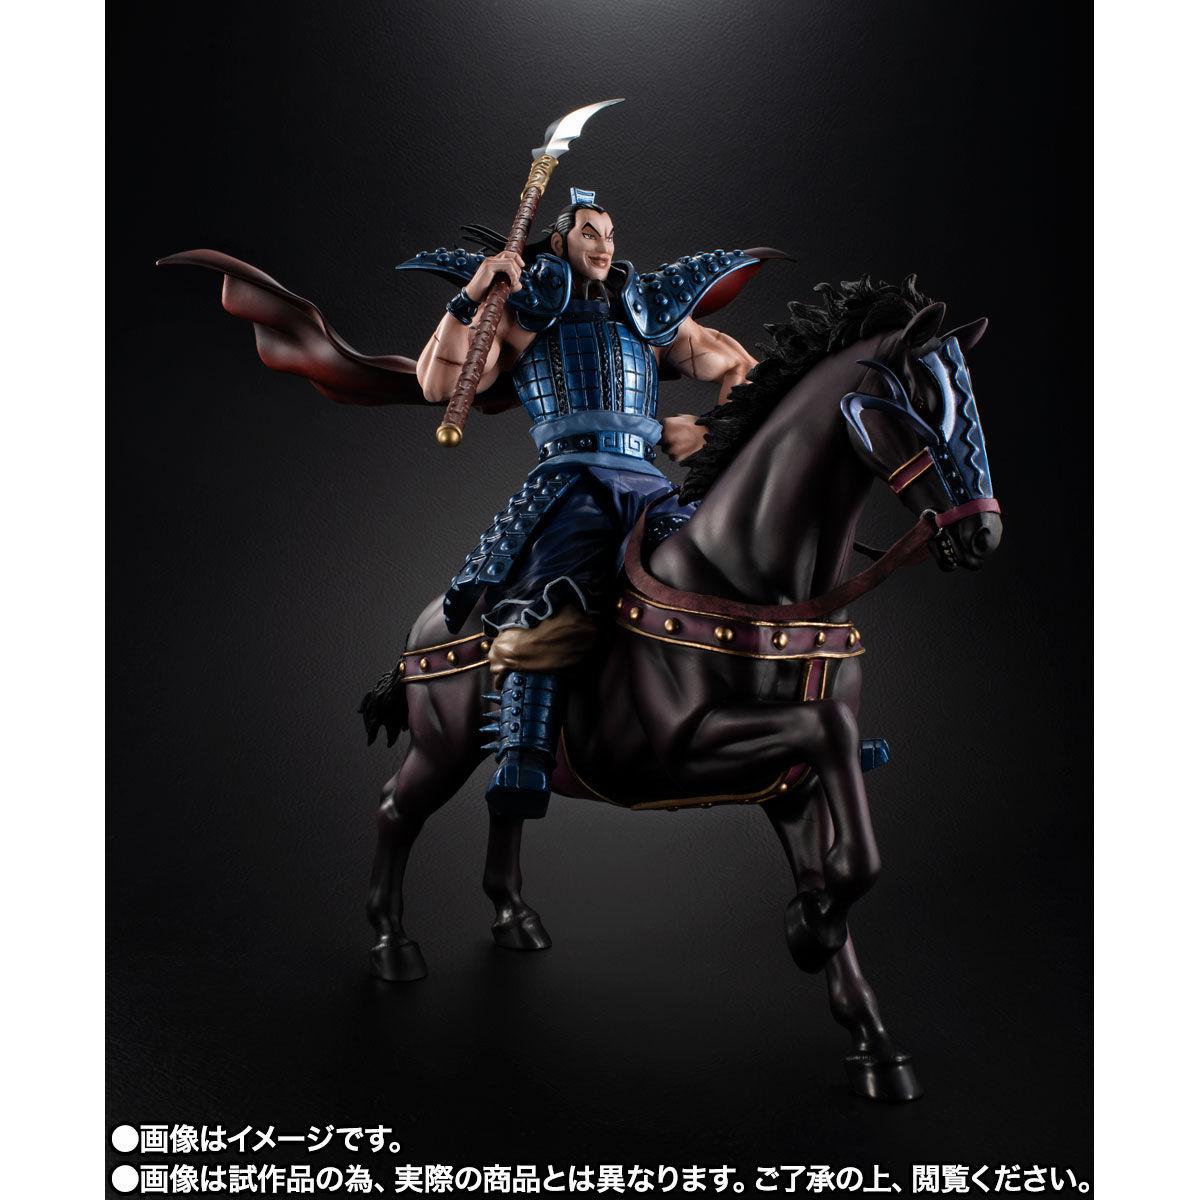 【限定販売】フィギュアーツZERO『王騎 -出陣-』キングダム 完成品フィギュア-005